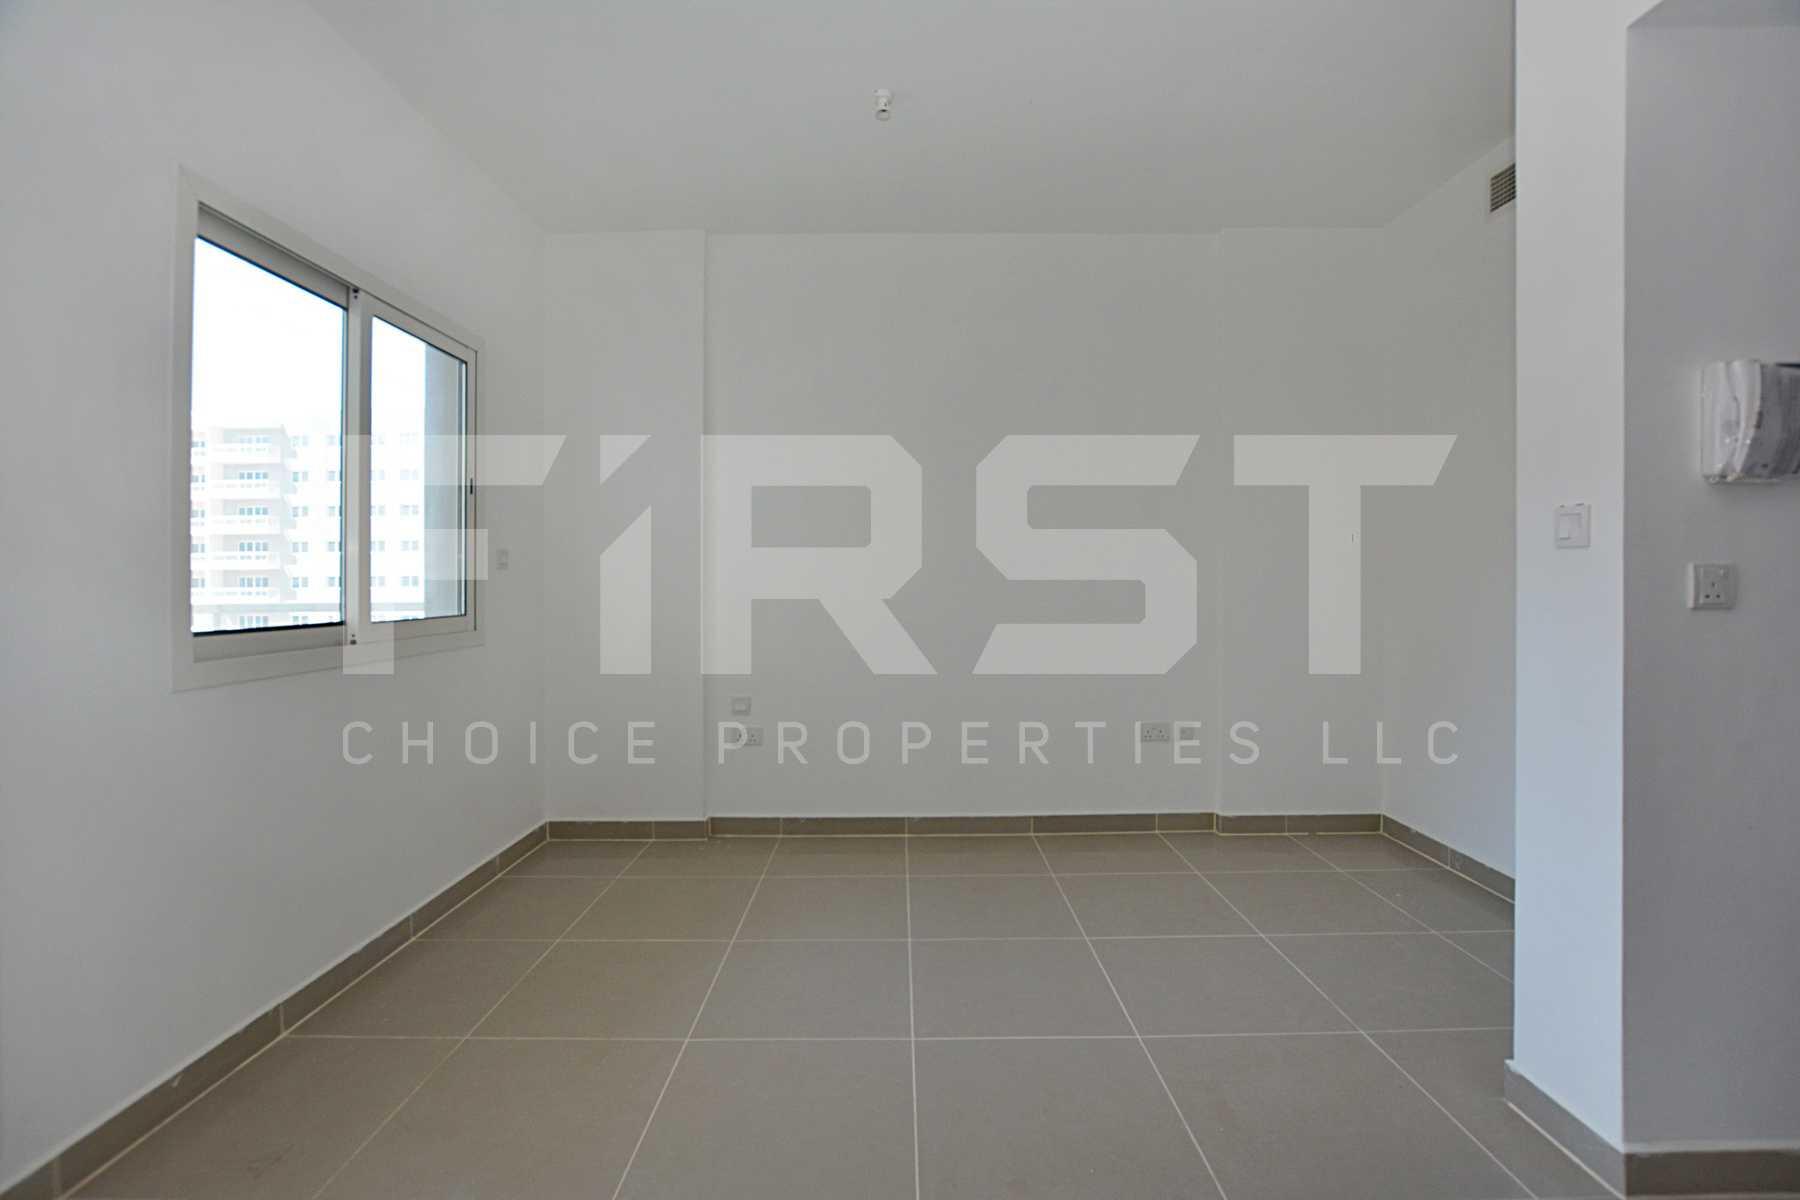 Internal Photo of Studio Apartment Type C in Al Reef Downtown Al Reef Abu Dhabi UAE 40 sq.m 426 sq.ft (4).jpg